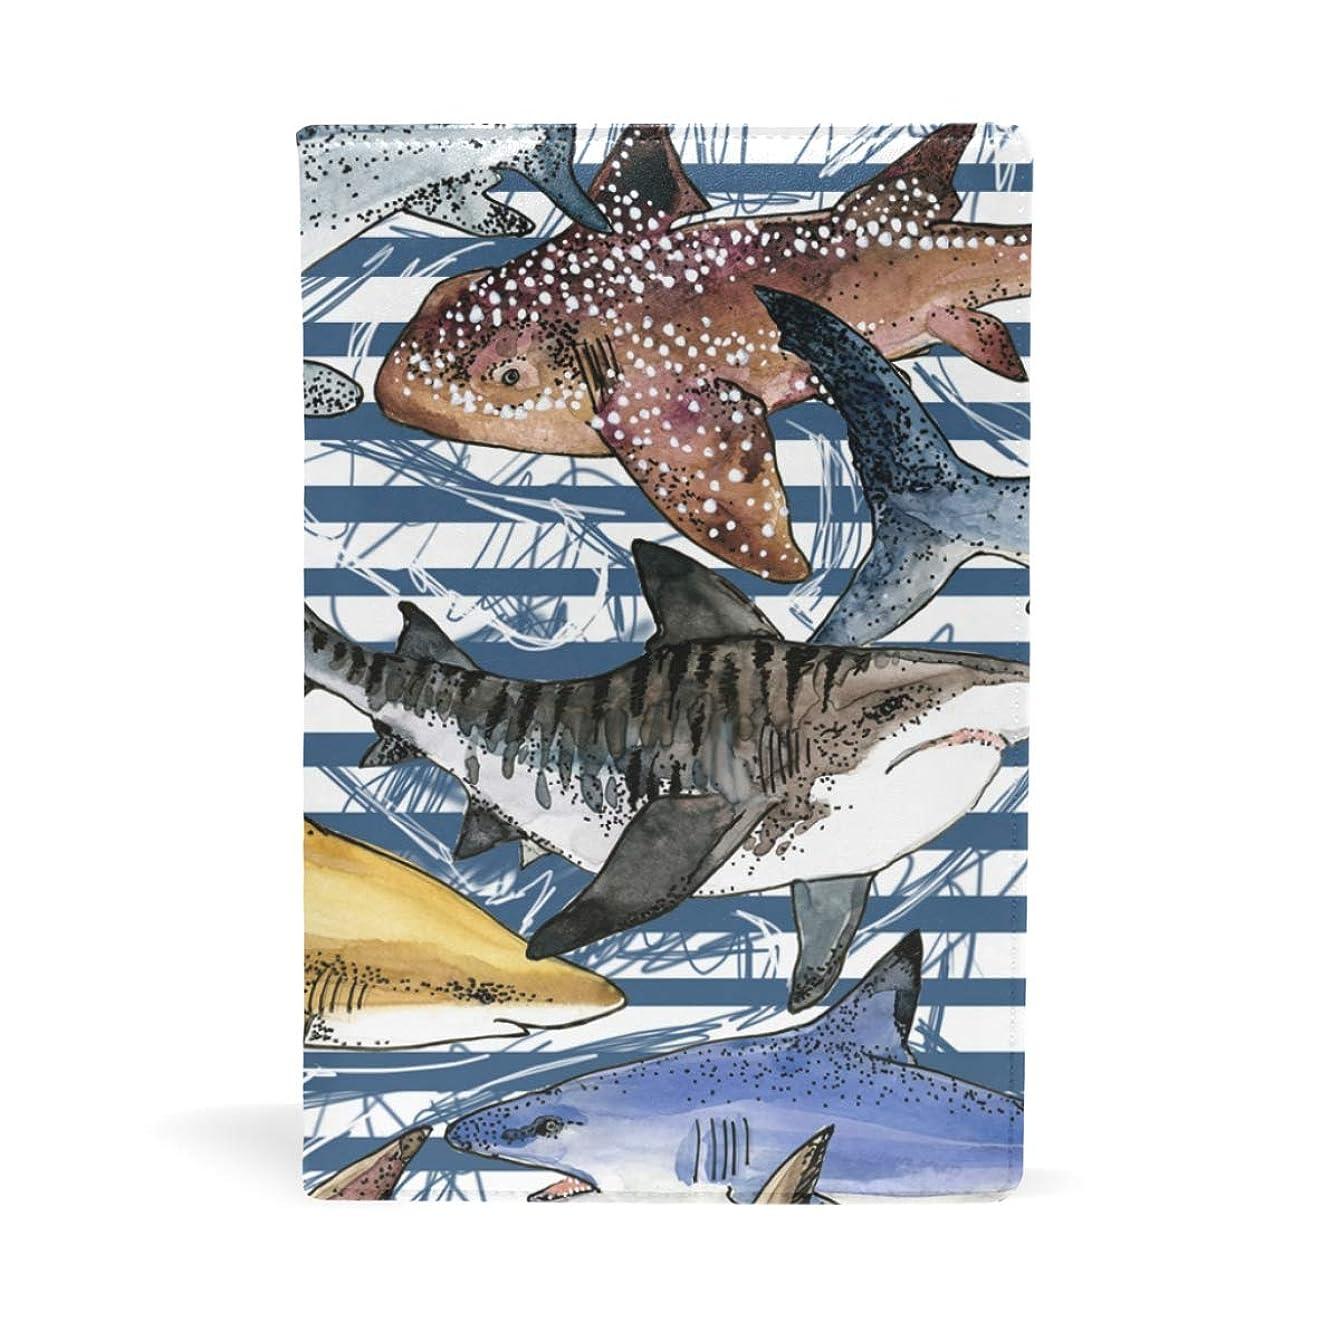 女将仮定する攻撃ブックカバー 文庫 a5 皮革 新書 かわいい 本カバー ファイル 資料 収納入れ オフィス用品 読書 雑貨 プレゼント サメ柄 鲛柄 魚柄 縞柄 面白い